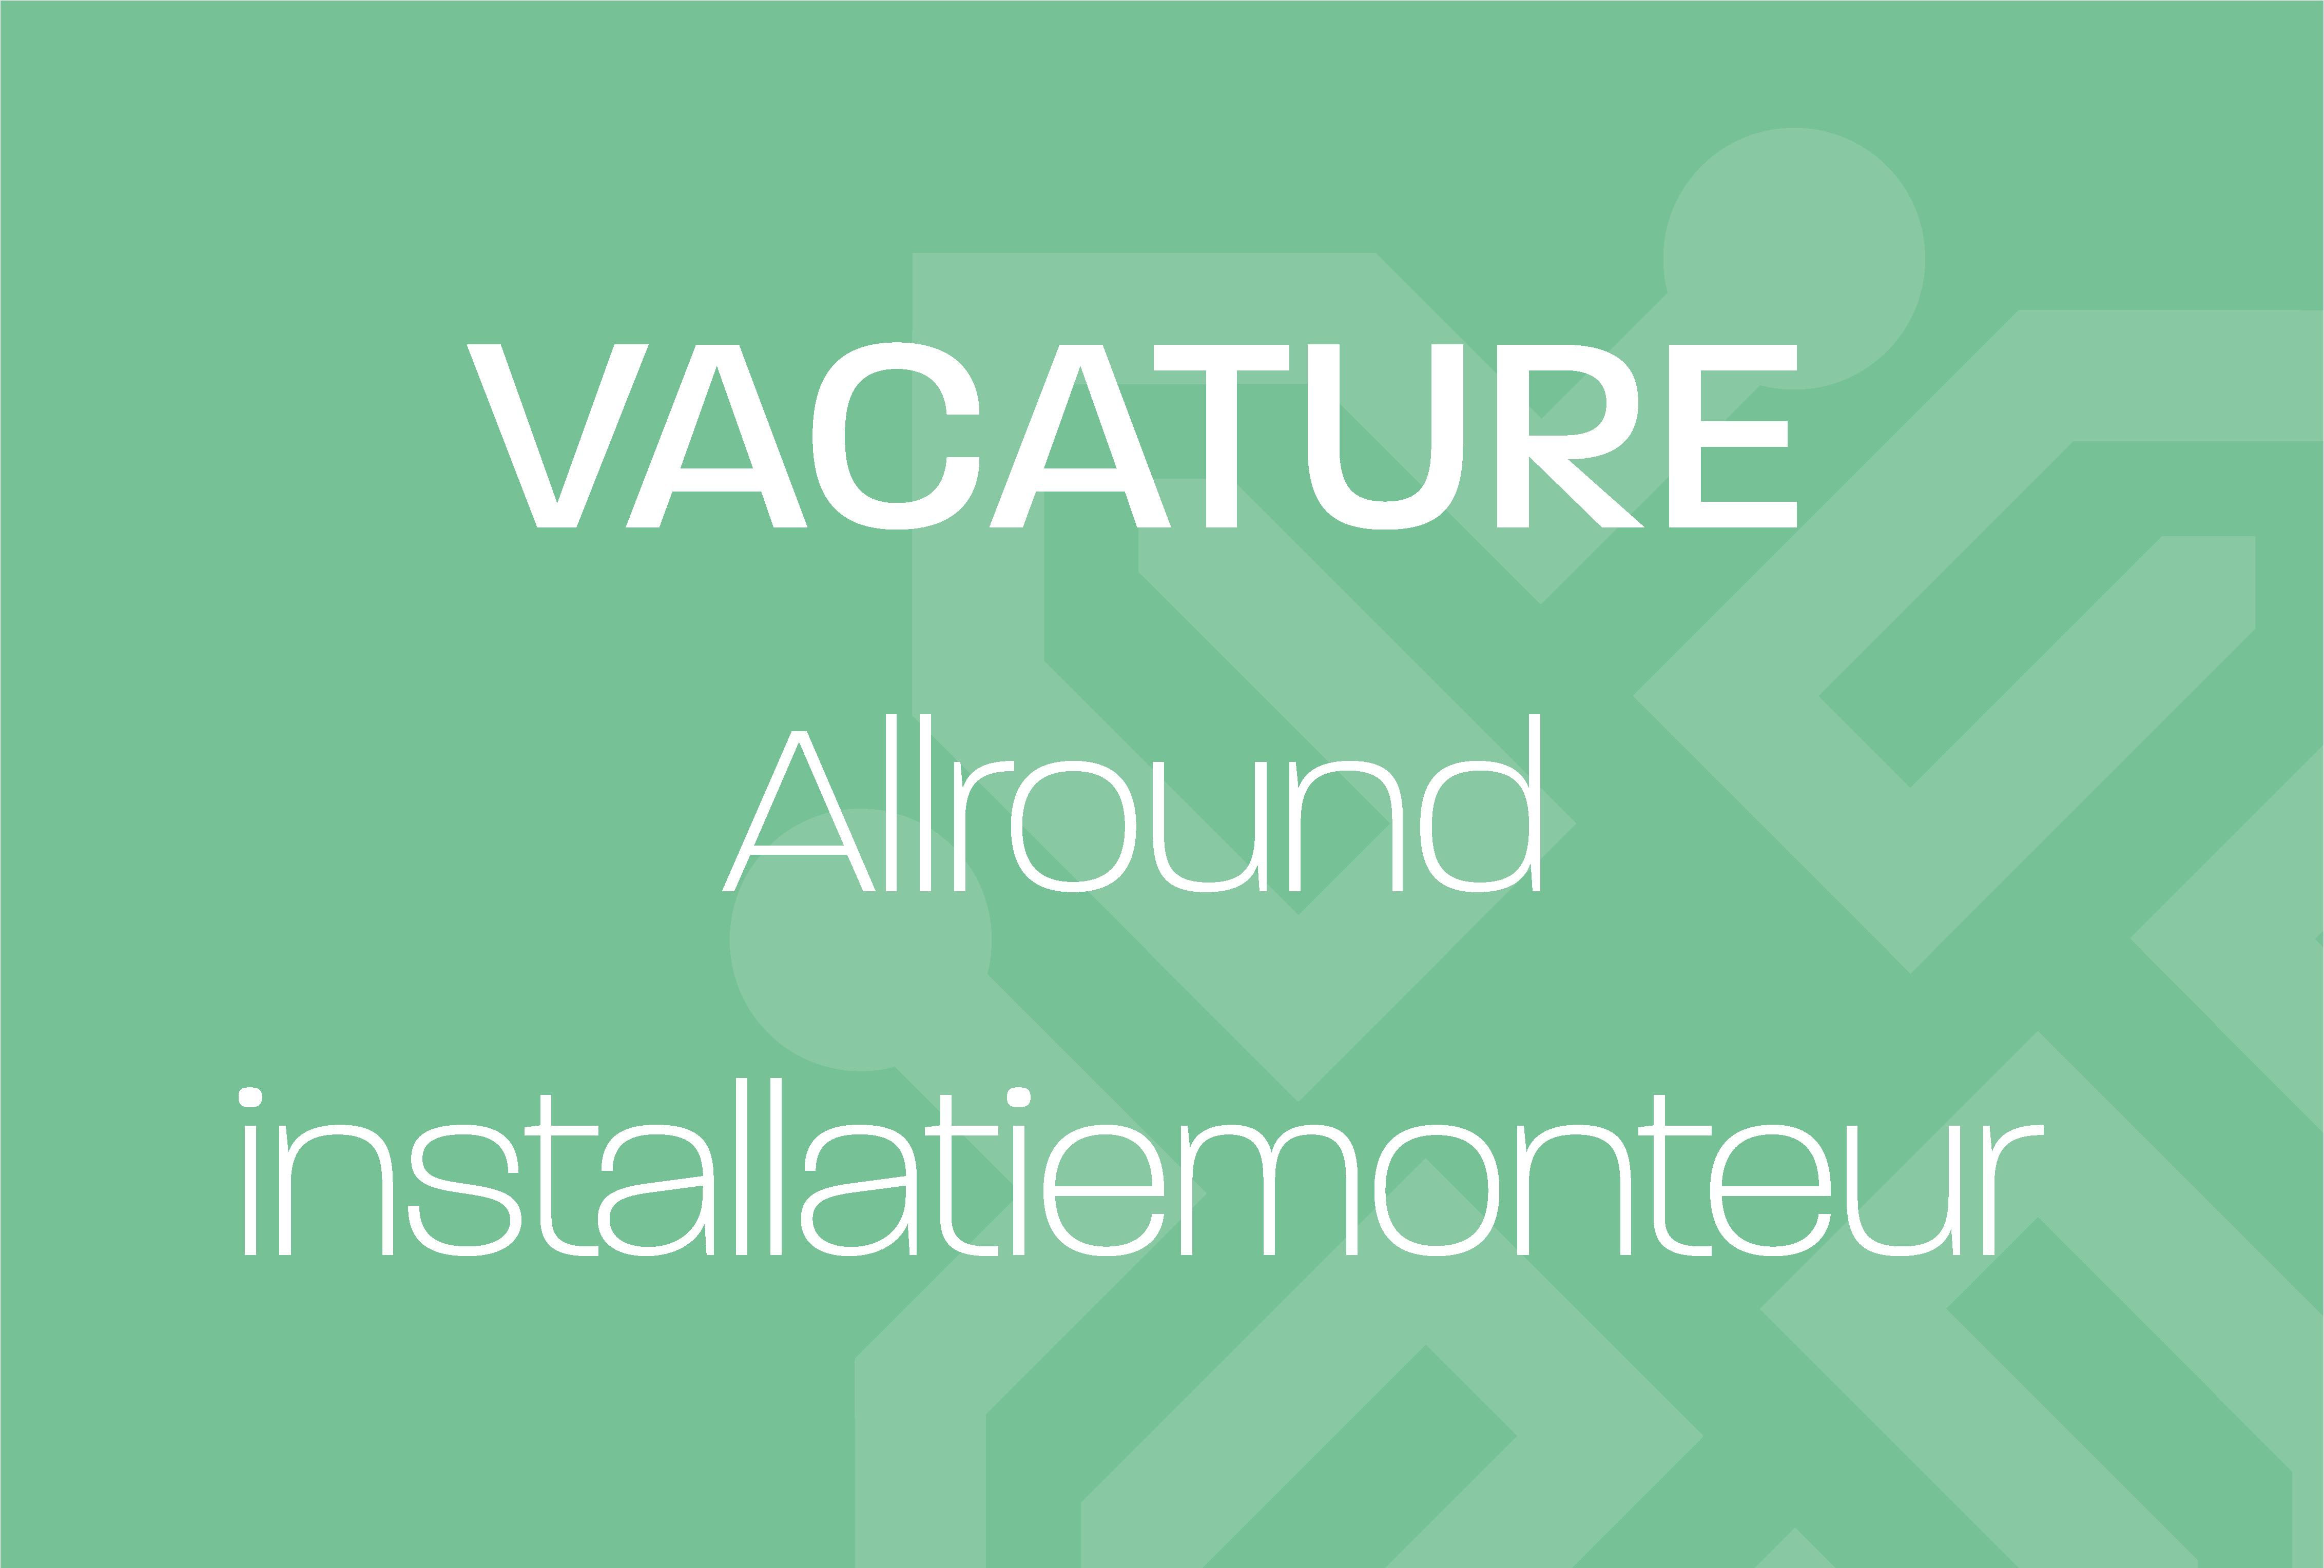 Vacature_Allround installatiemonteur